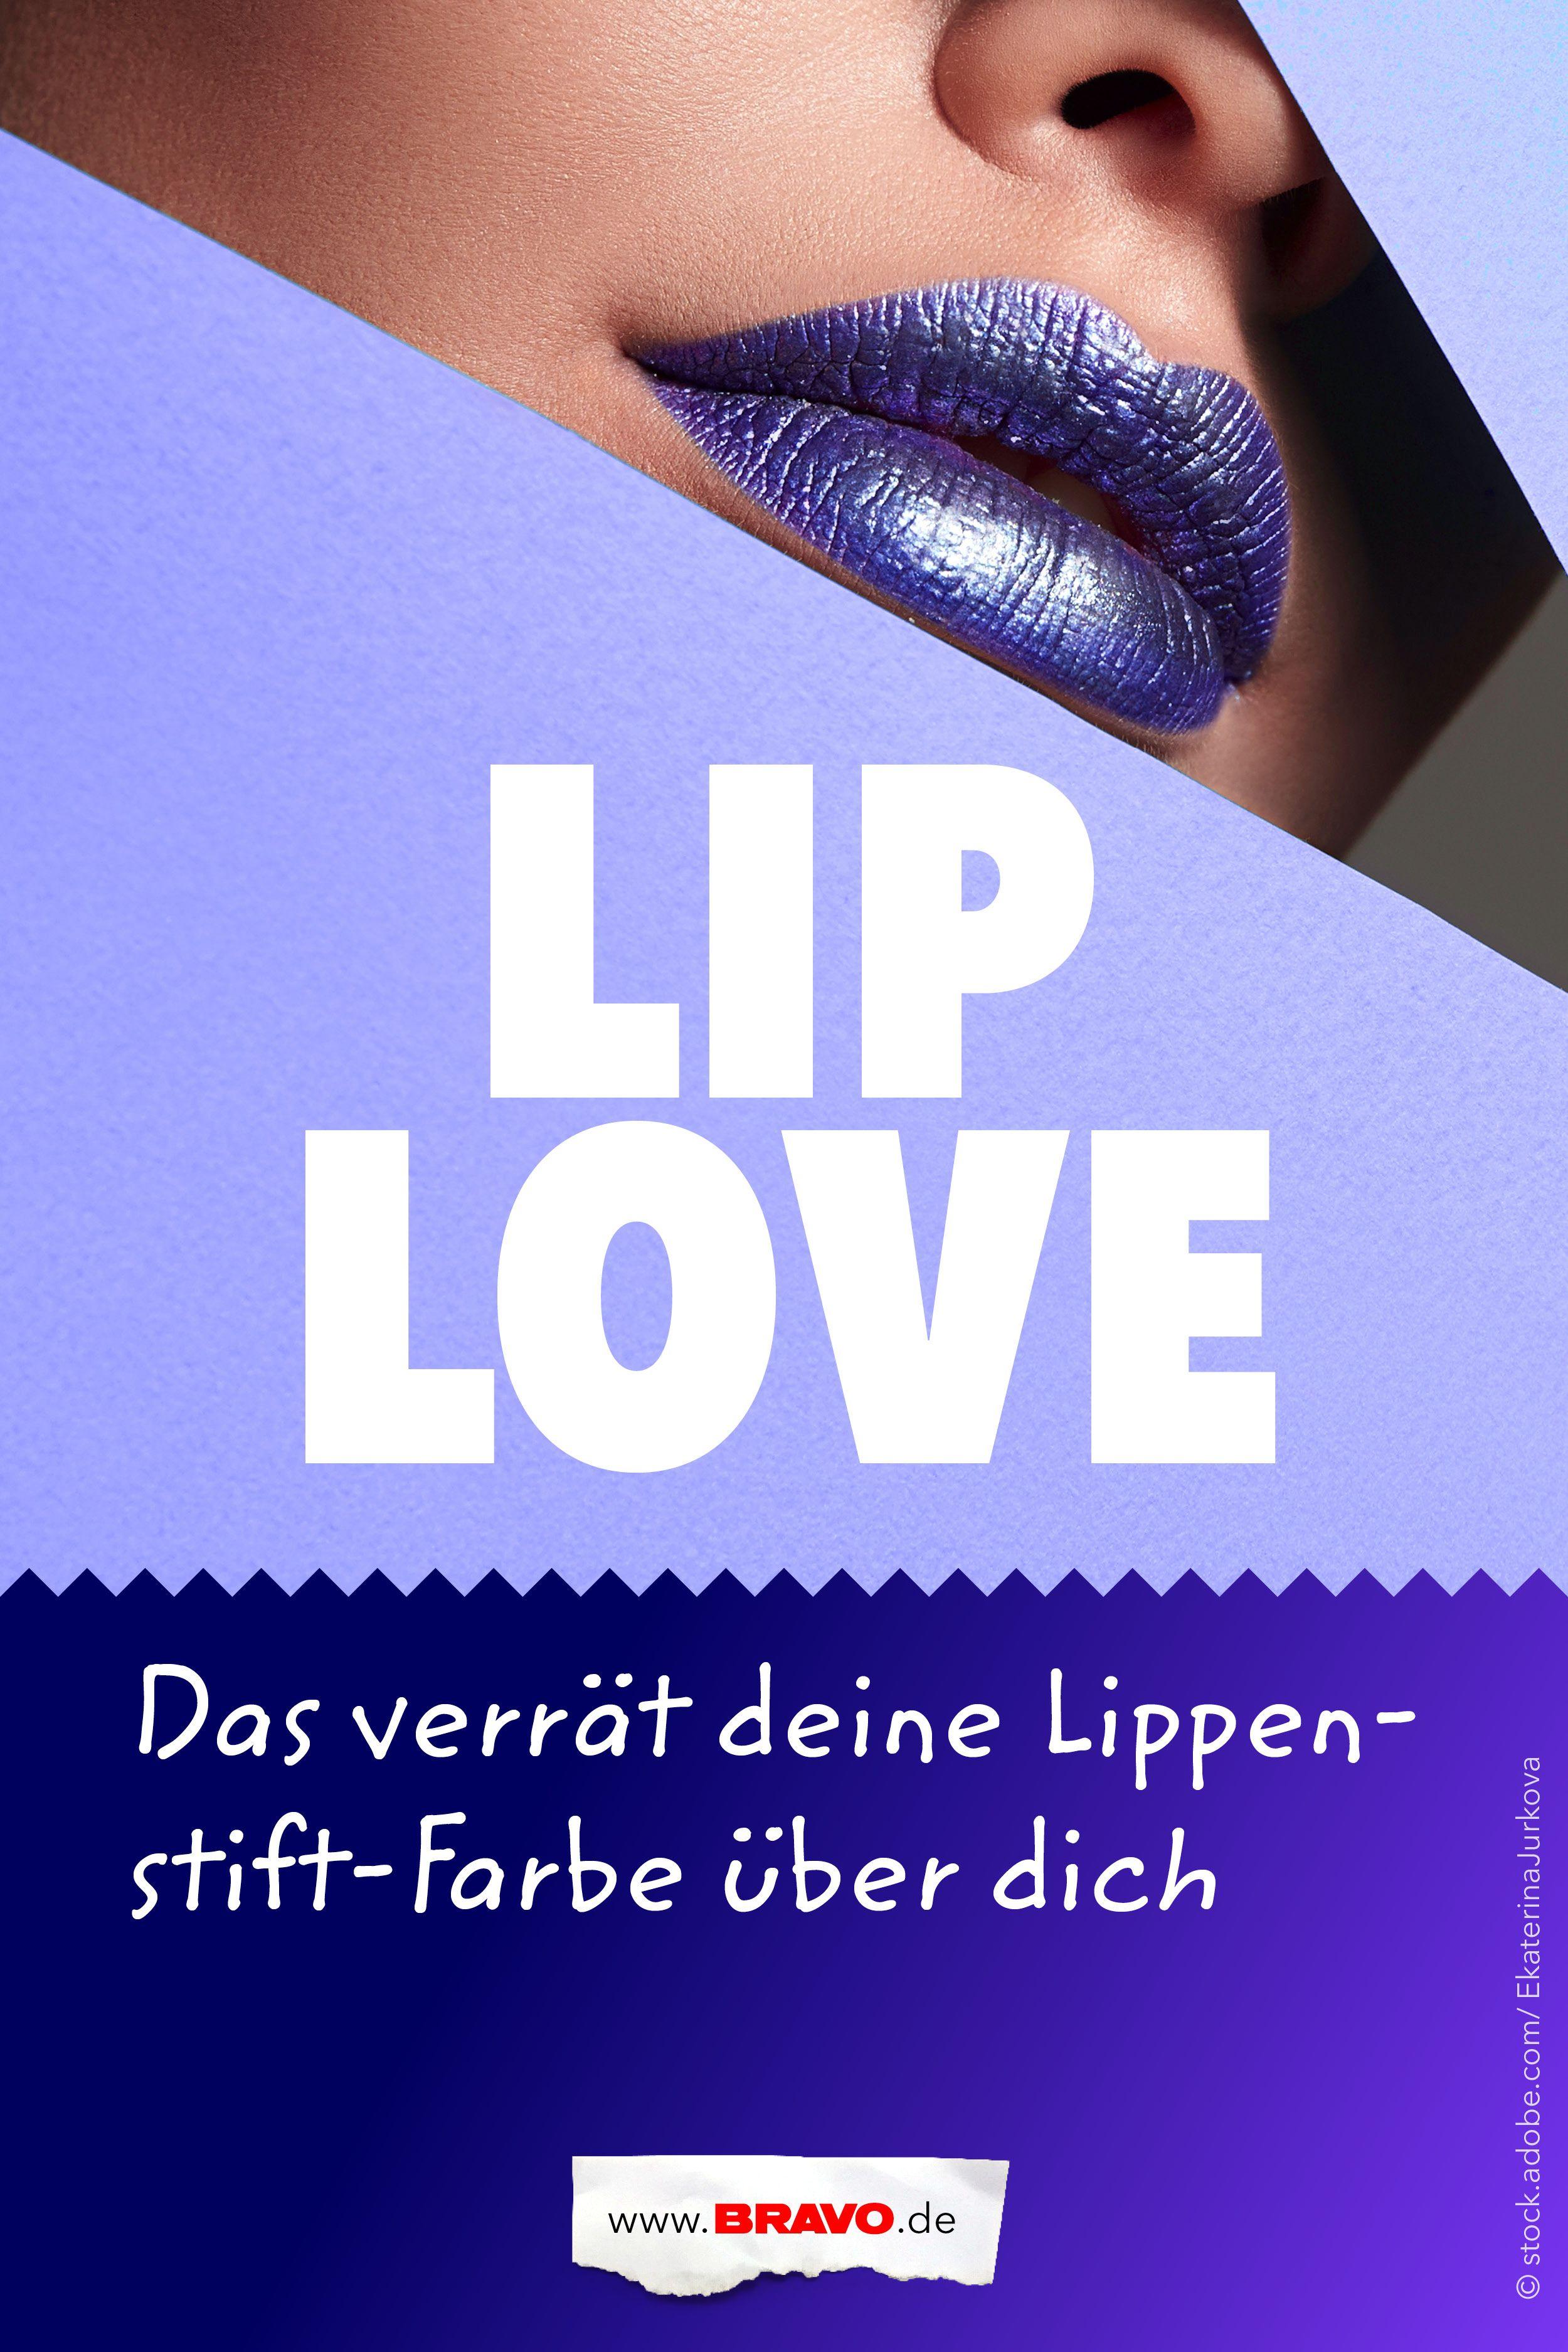 Das verrät deine Lippenstift-Farbe über dich in 2019